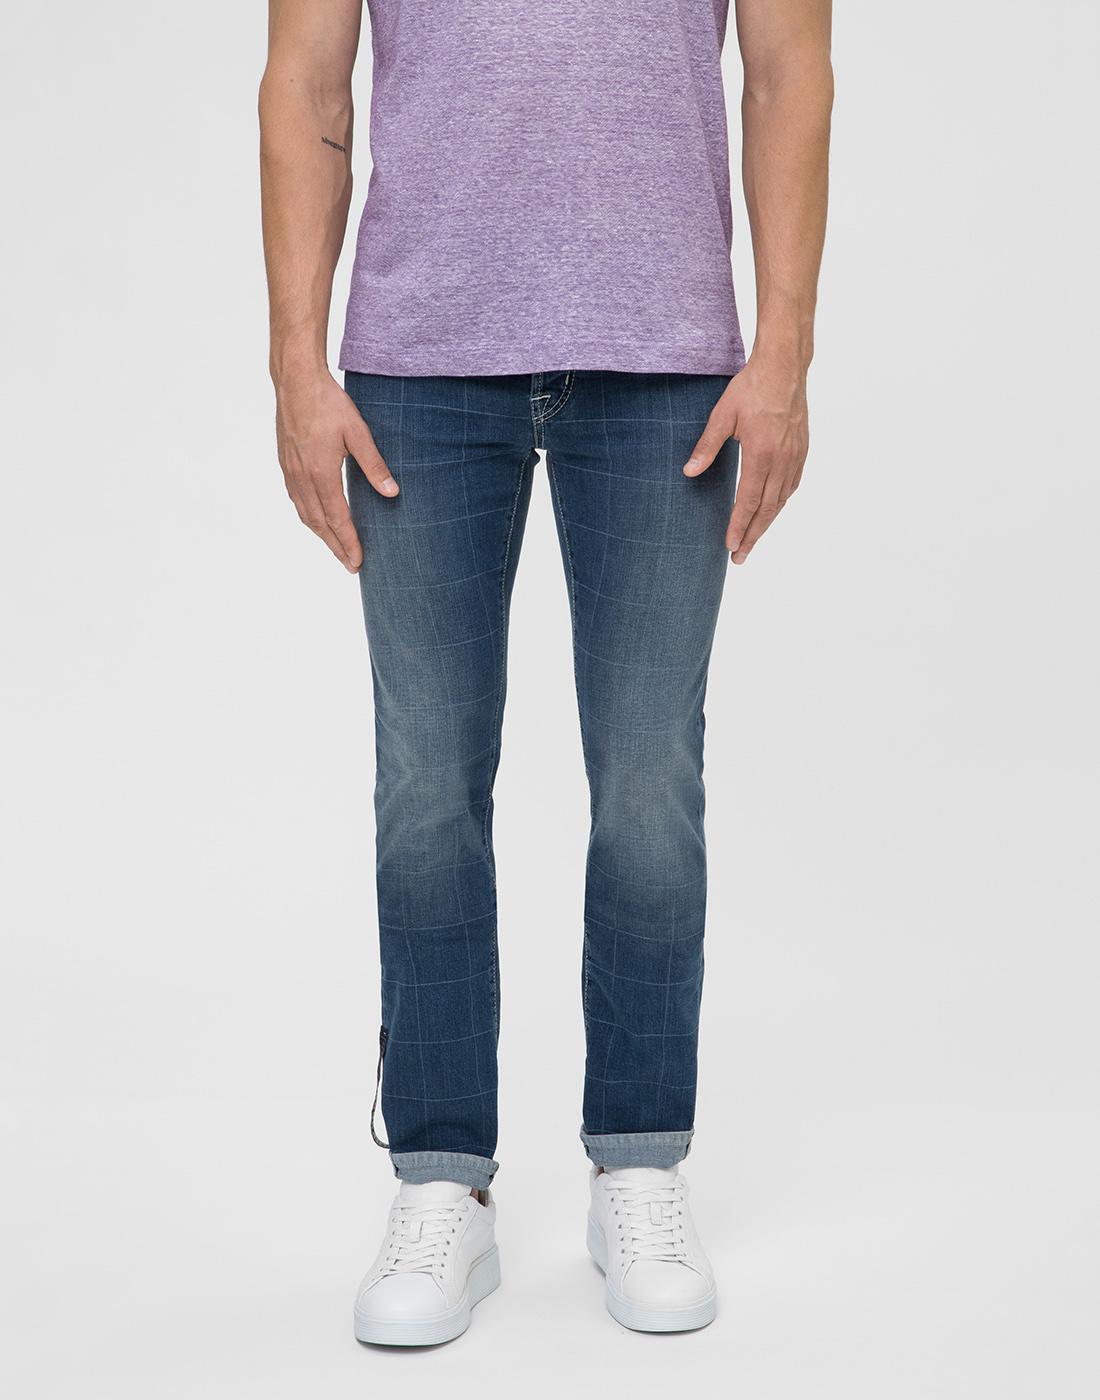 Мужские синие джинсы Leonardo Tramarossa SD361 L2-2